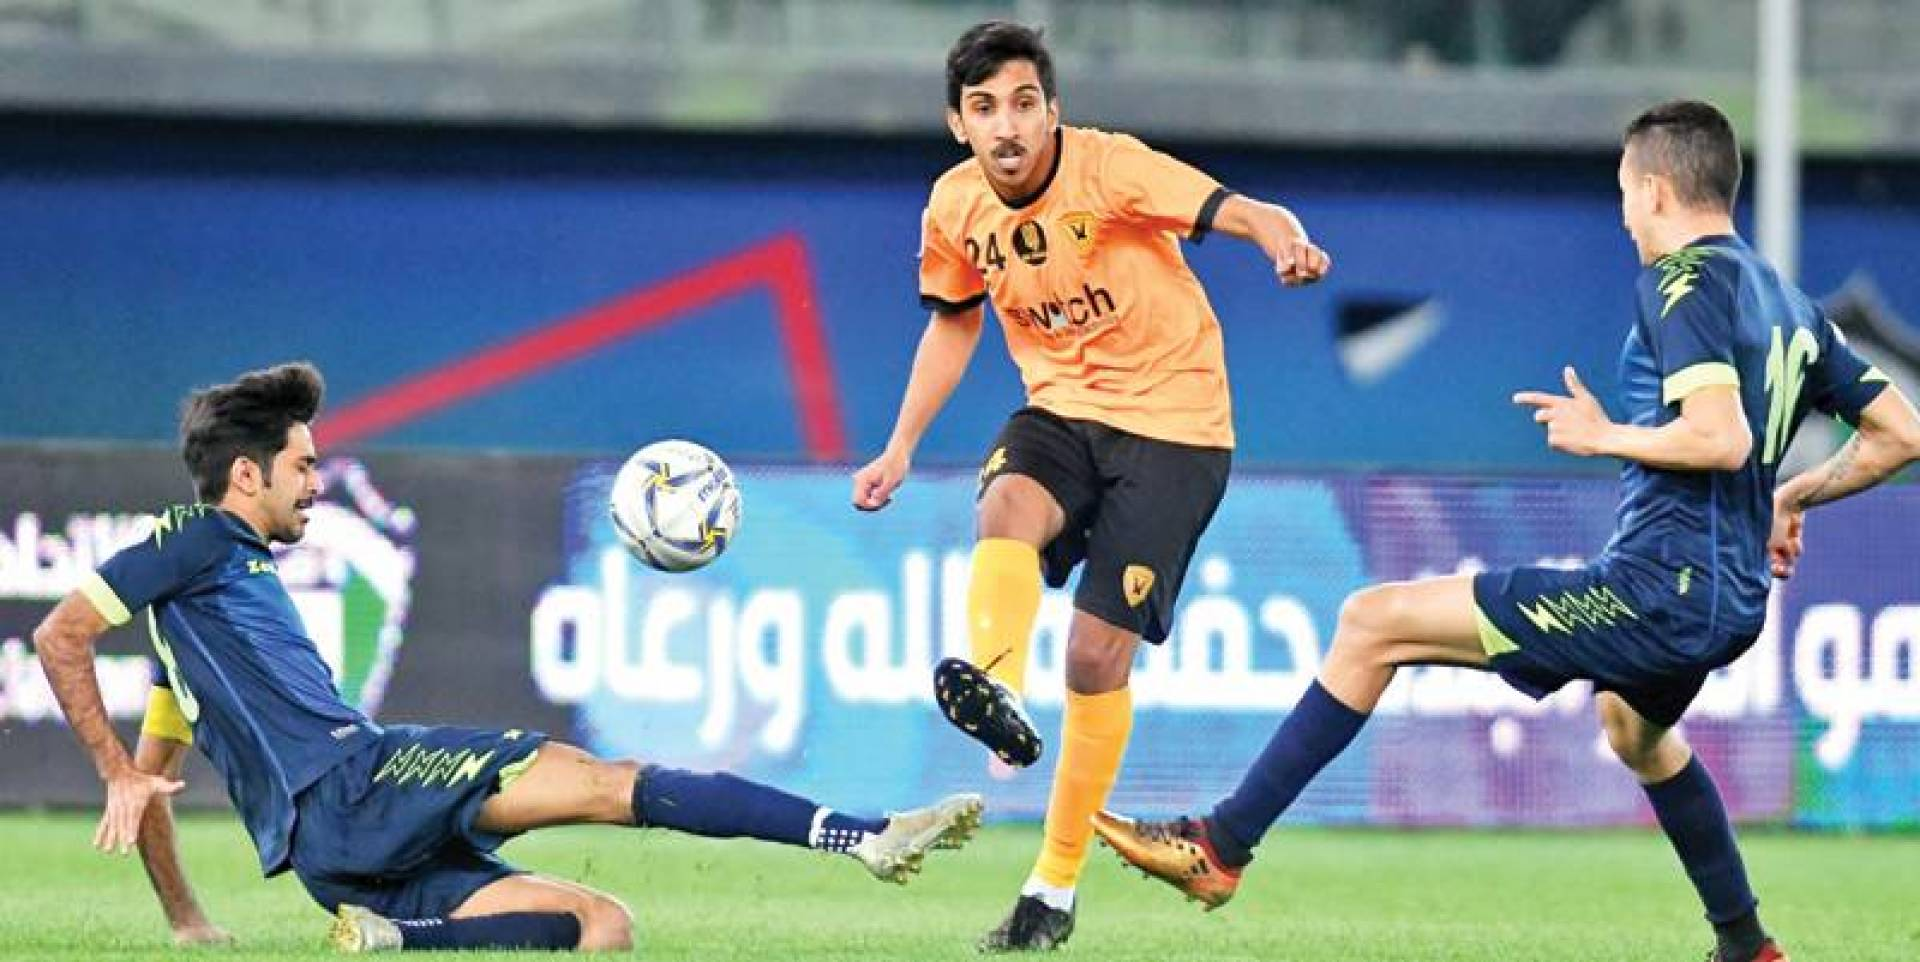 عبدالله ماوي لاعب القادسية في لقاء فريقه أمام الساحل بكأس الأمير